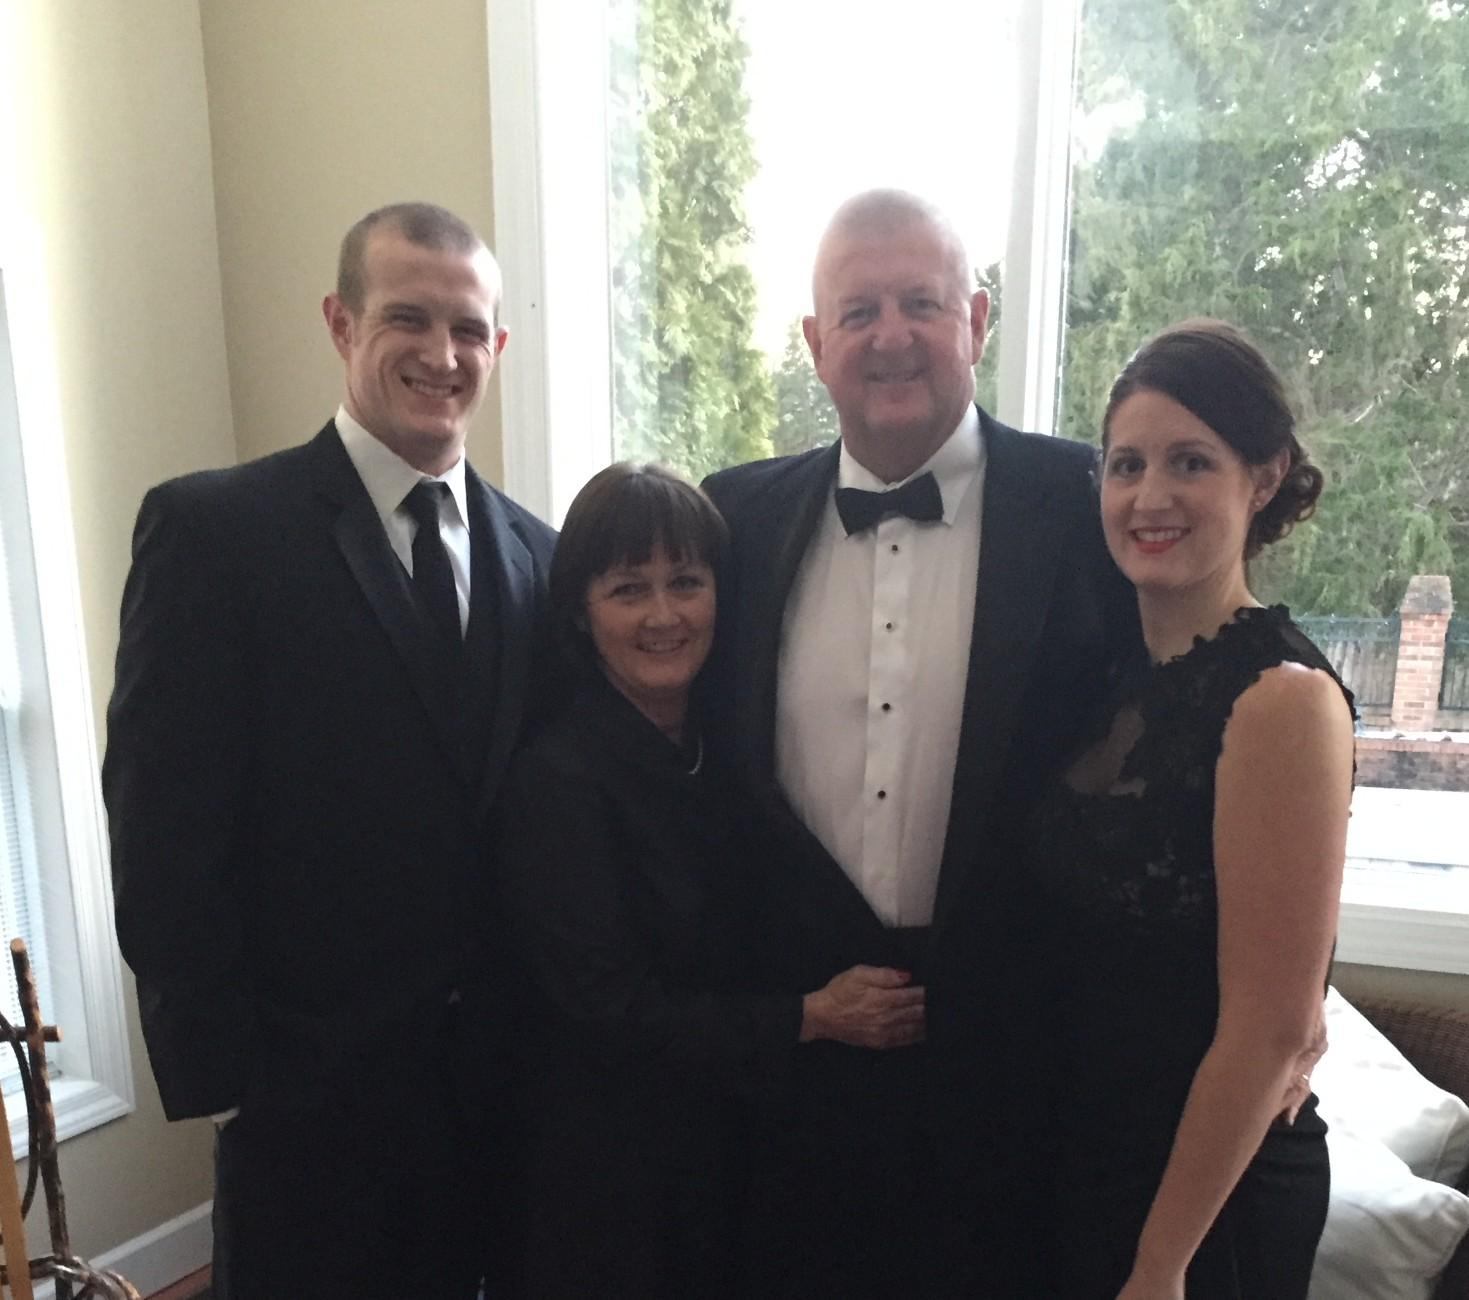 JTA family photo